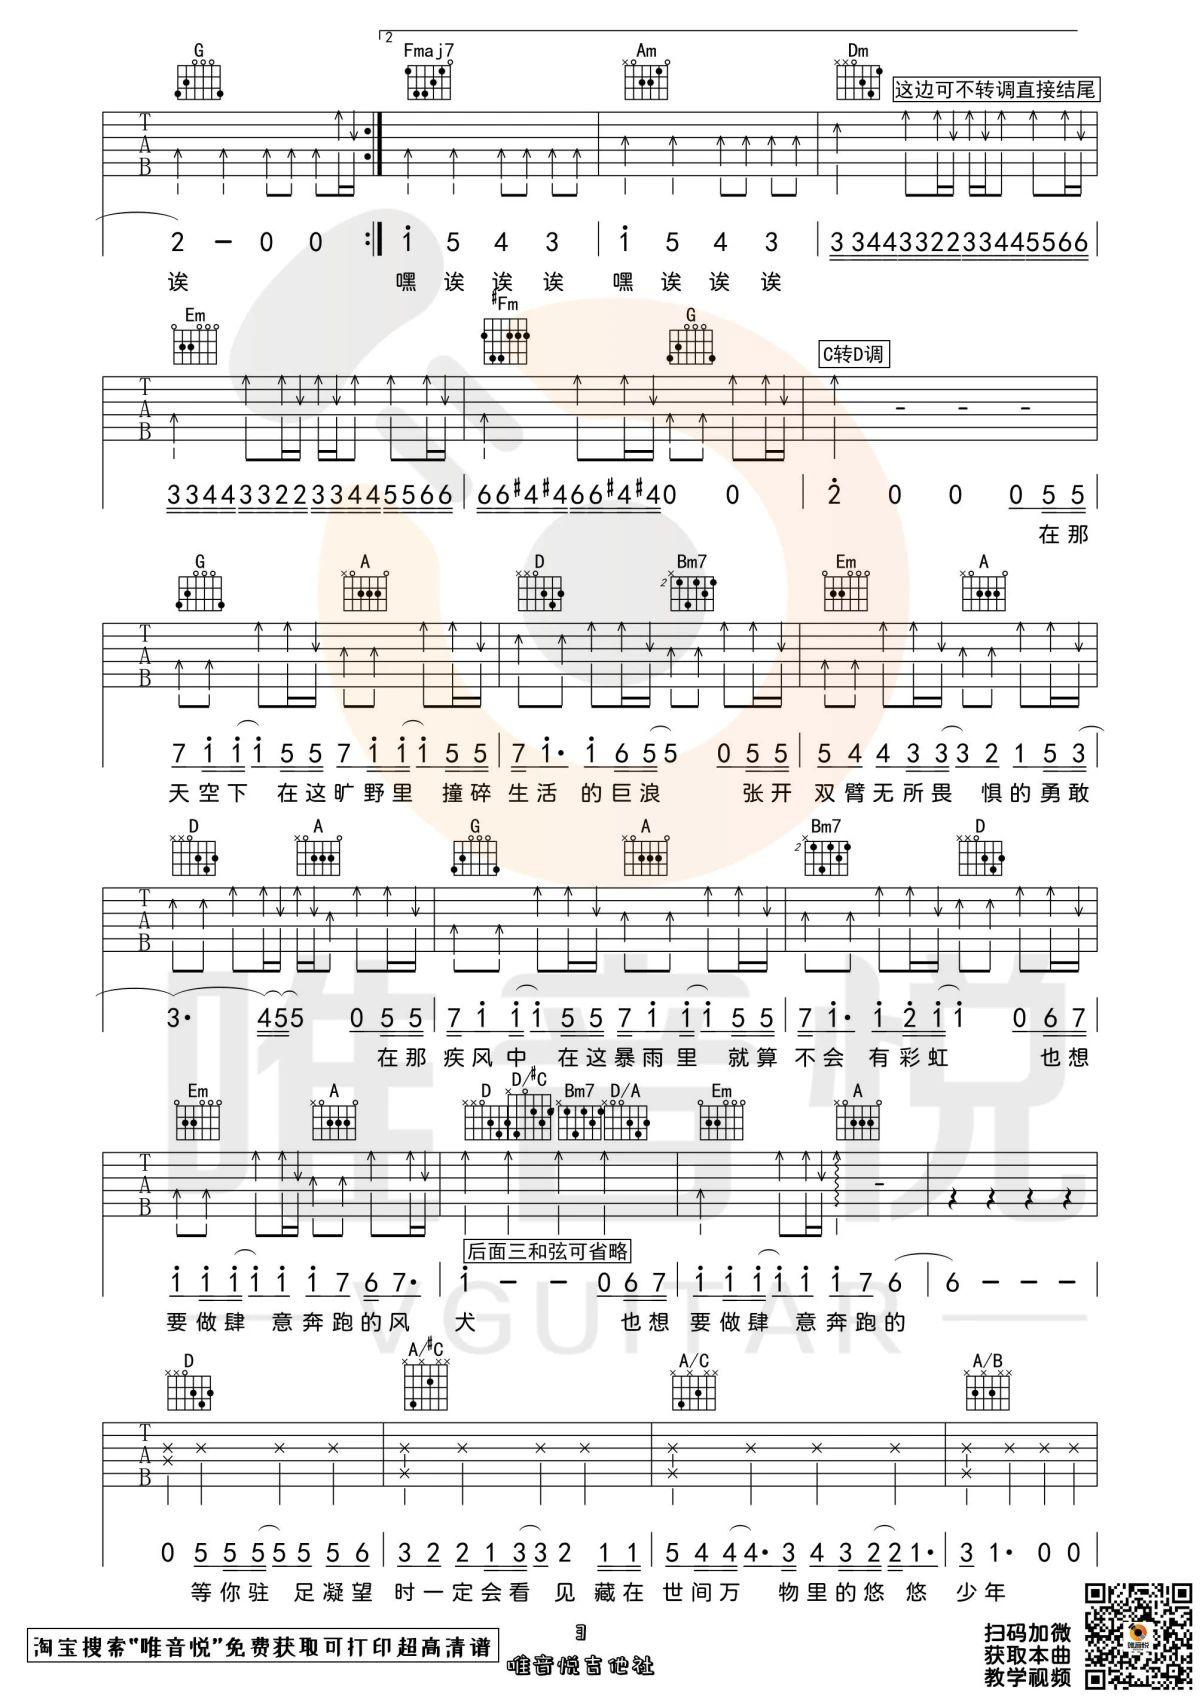 吉他派《风犬少年的天空》吉他谱-3